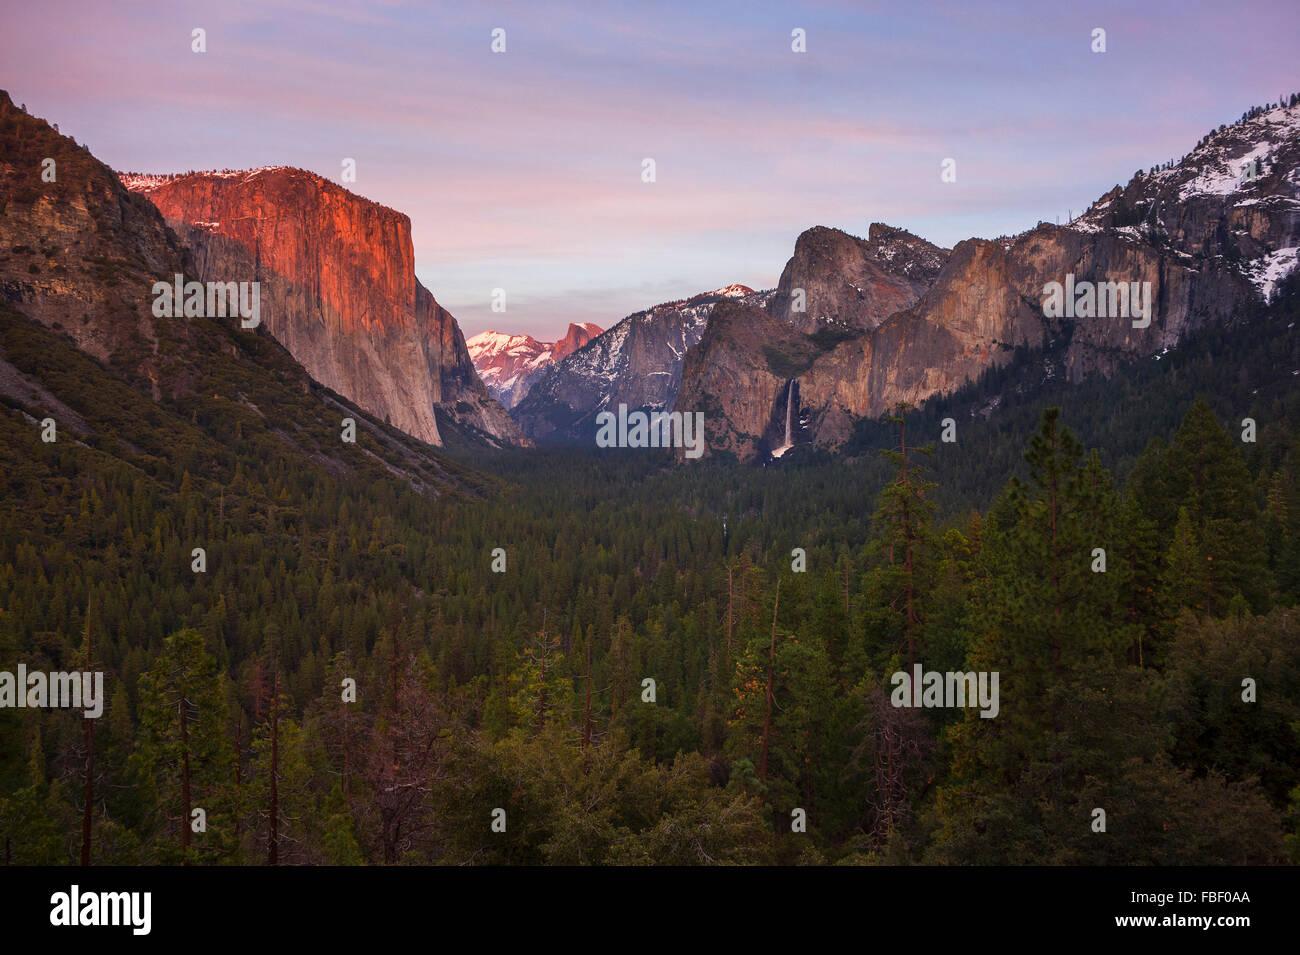 Vista de túnel de Yosemite en invierno Imagen De Stock